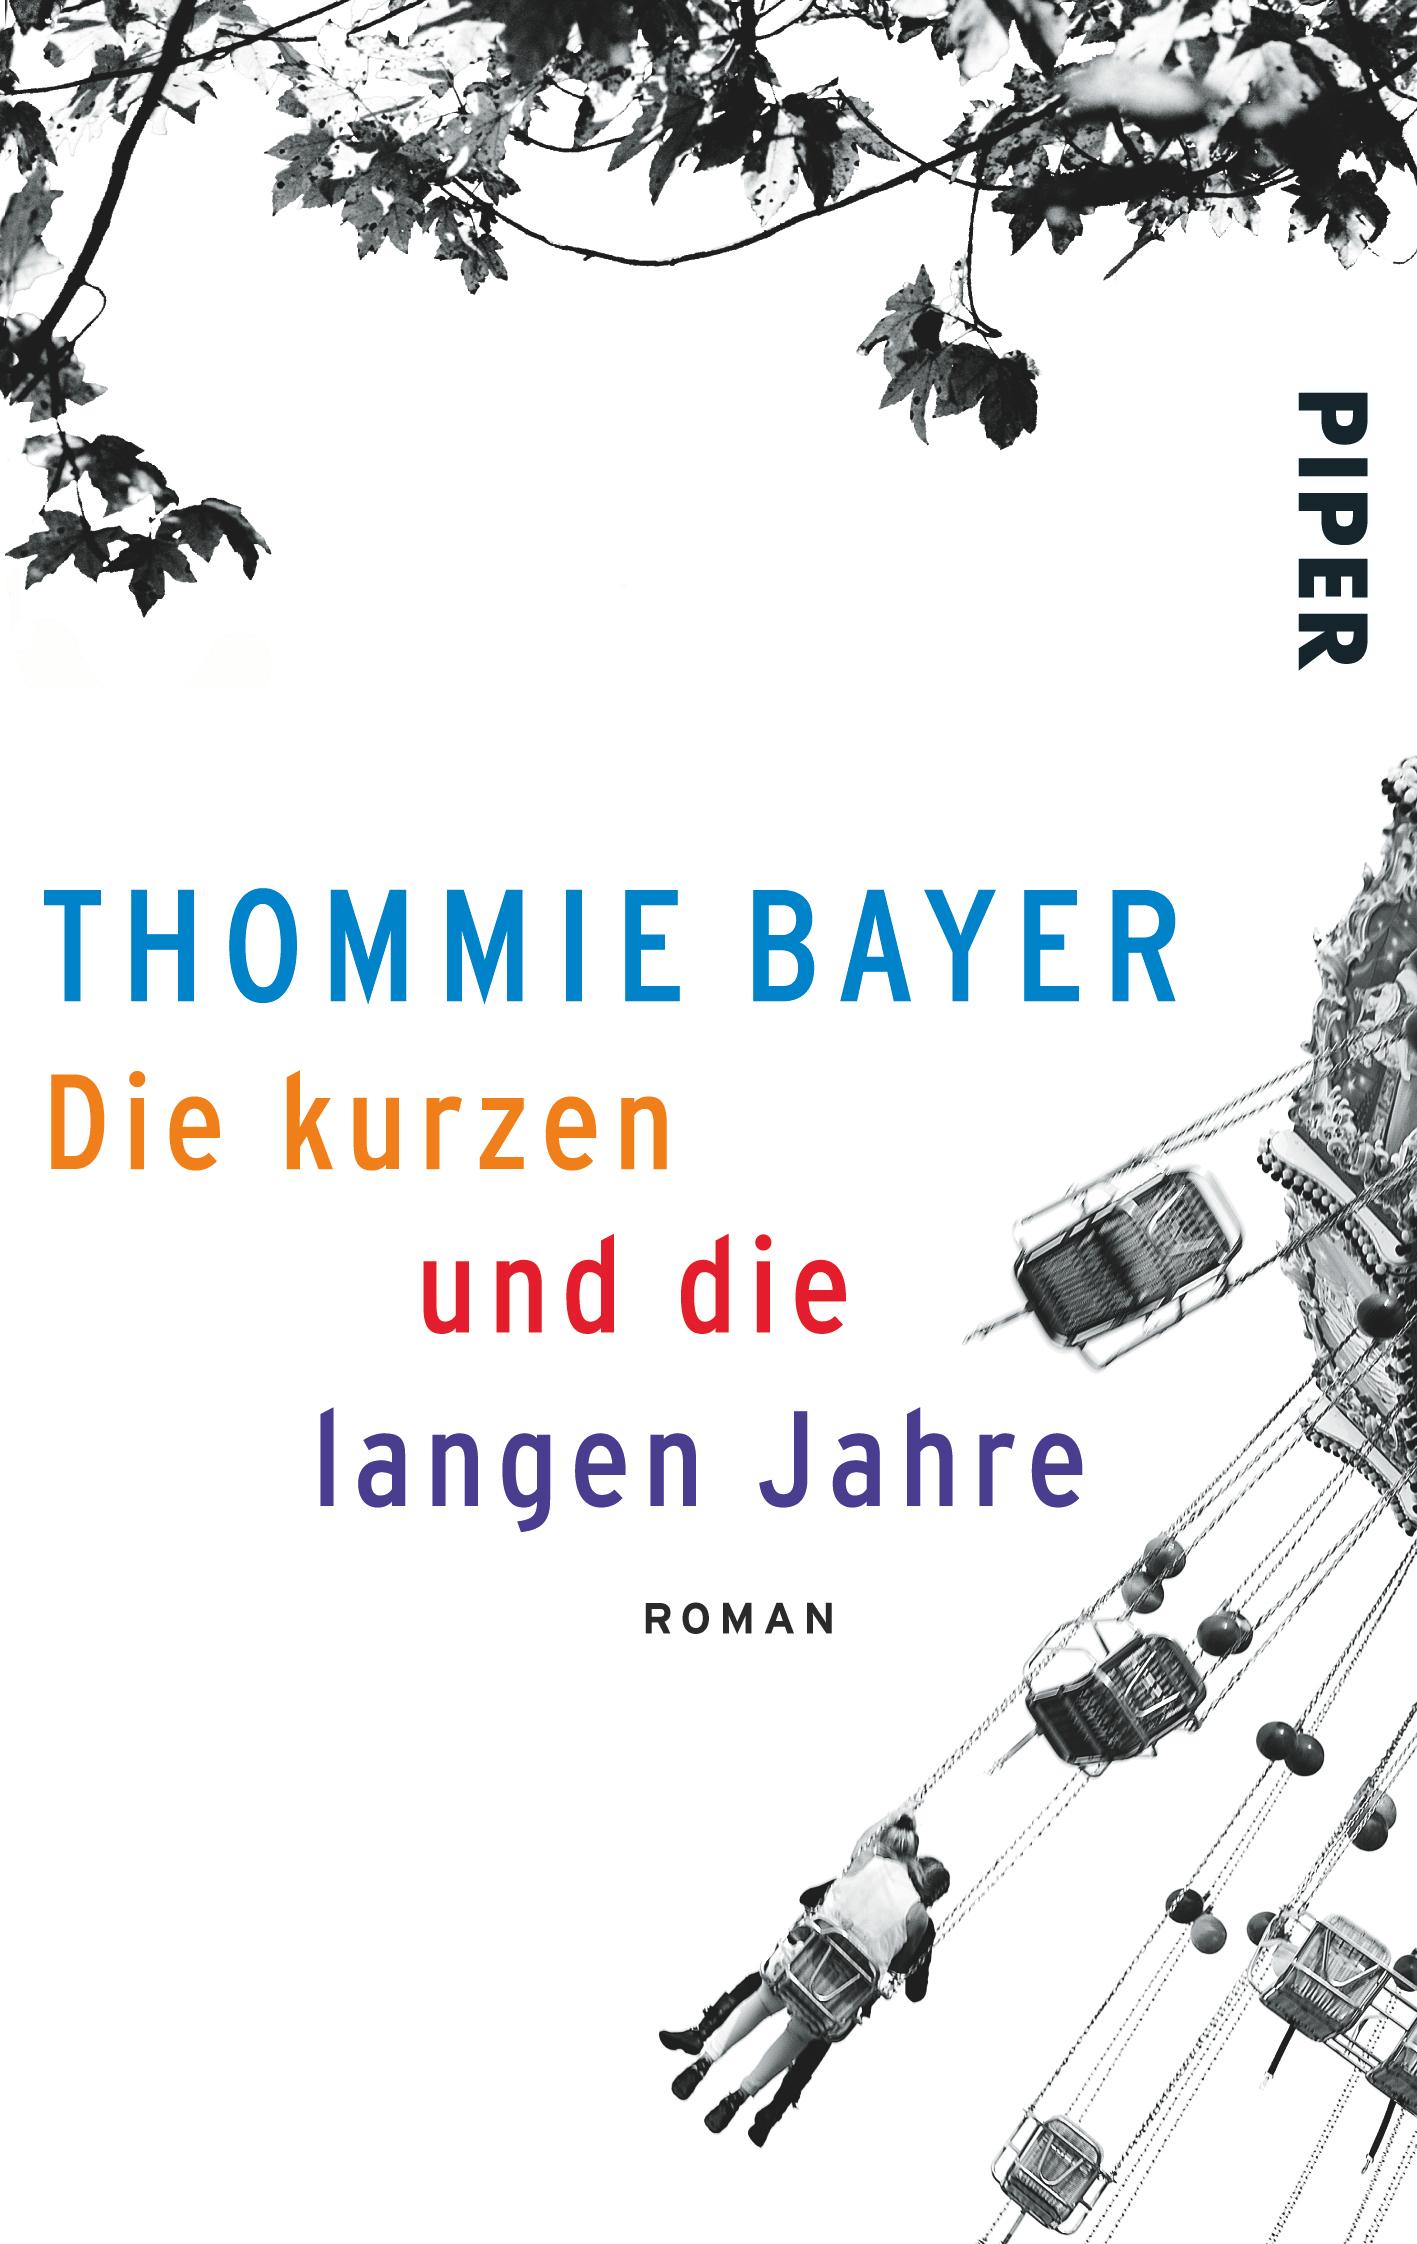 Die kurzen und die langen Jahre - Thommie Bayer